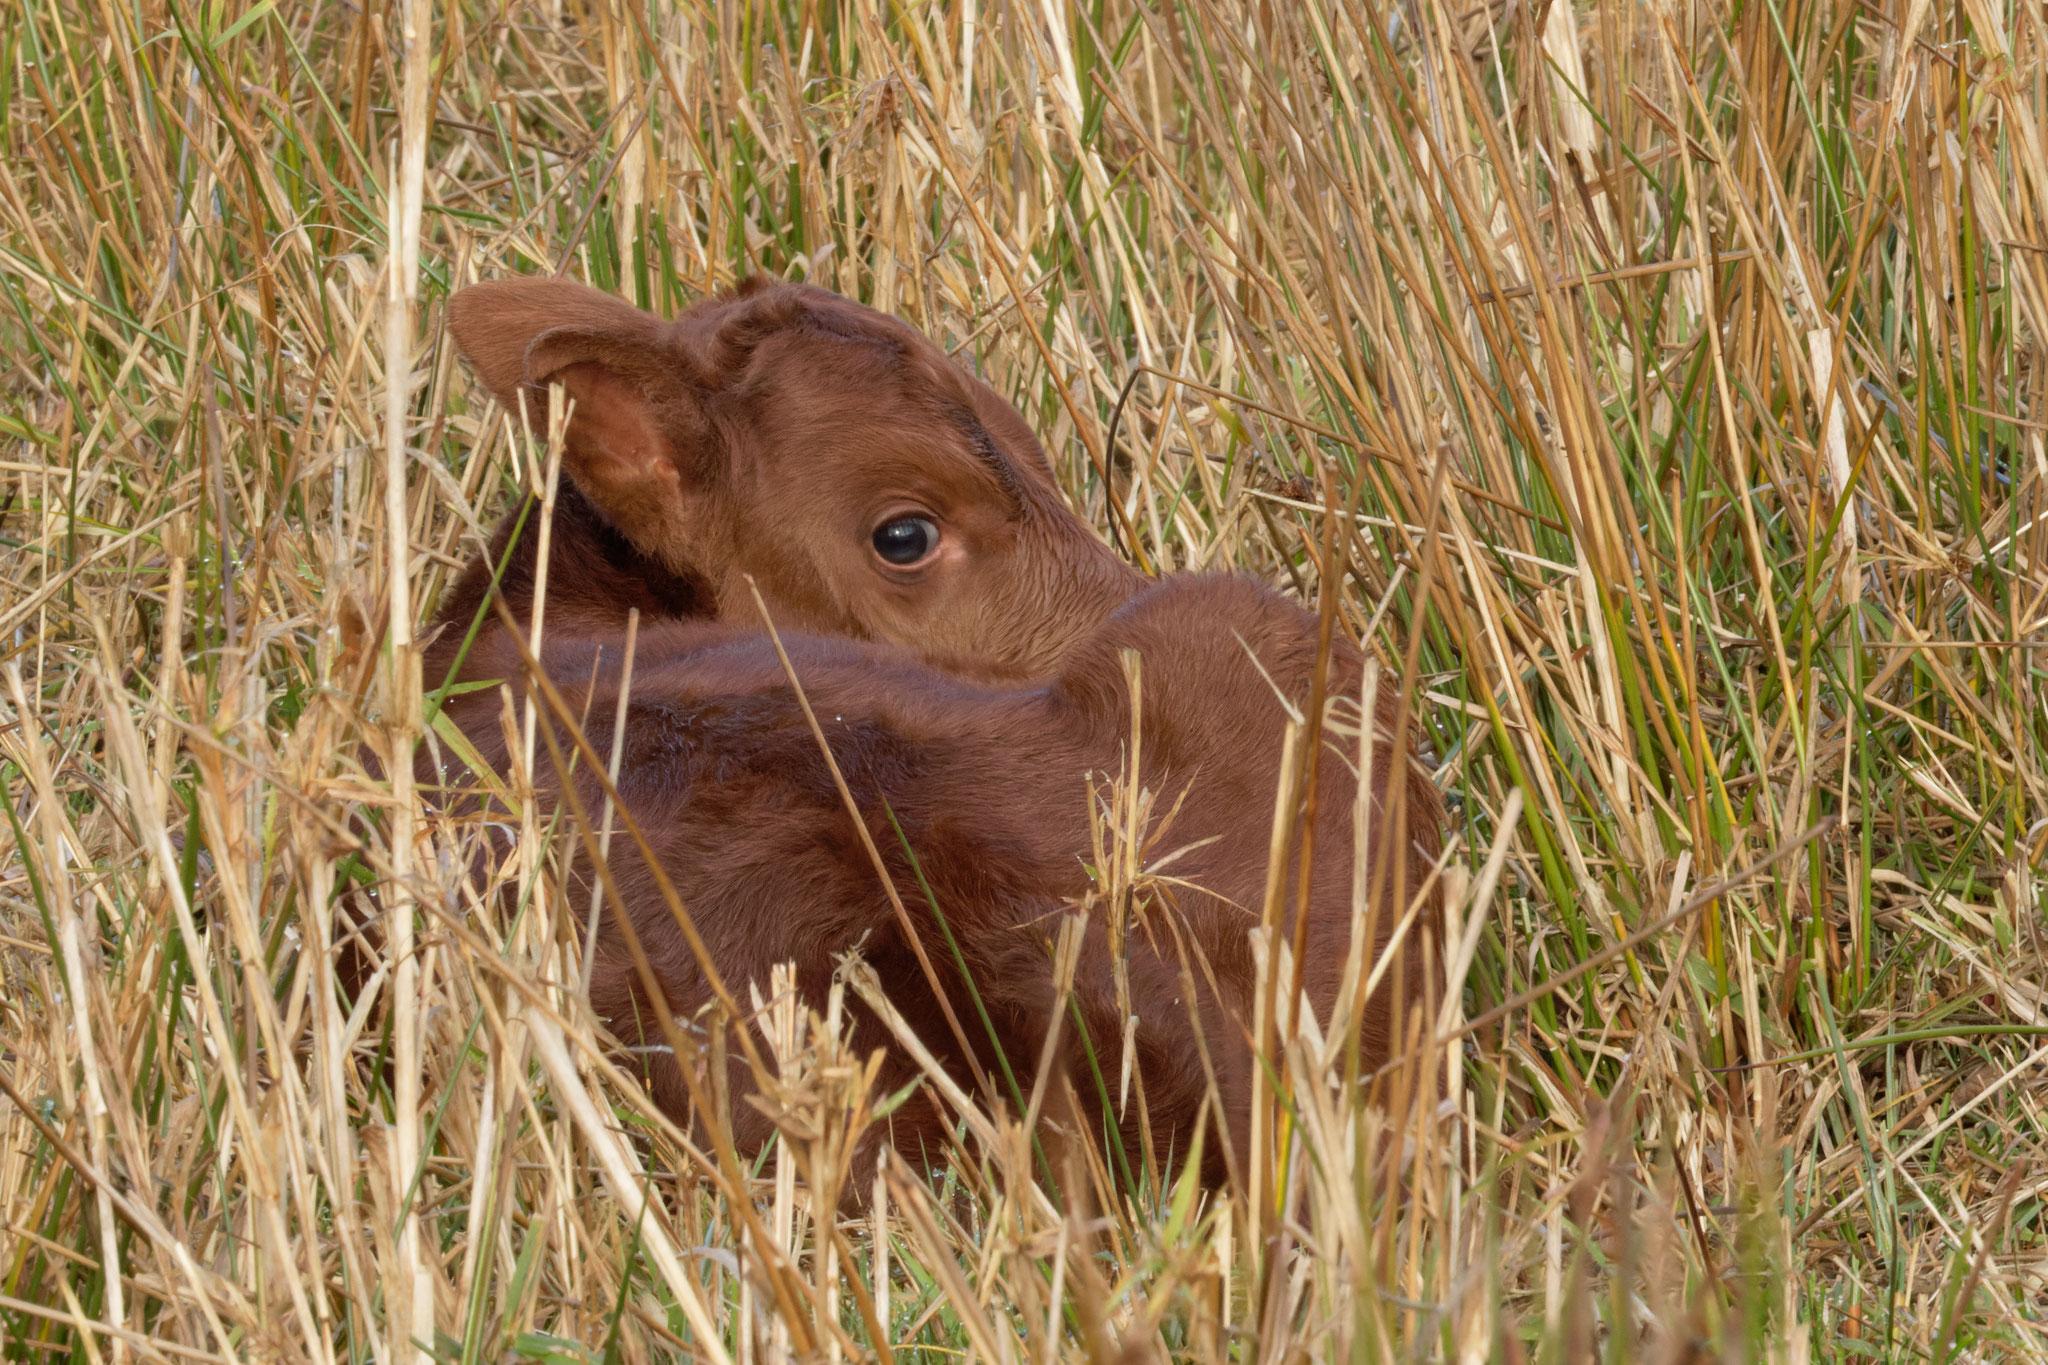 Wenn Anja sich ins Gras legt, um auszuruhen, ist sie nur noch schwer zu finden. (Foto: Stefan Leimbach)